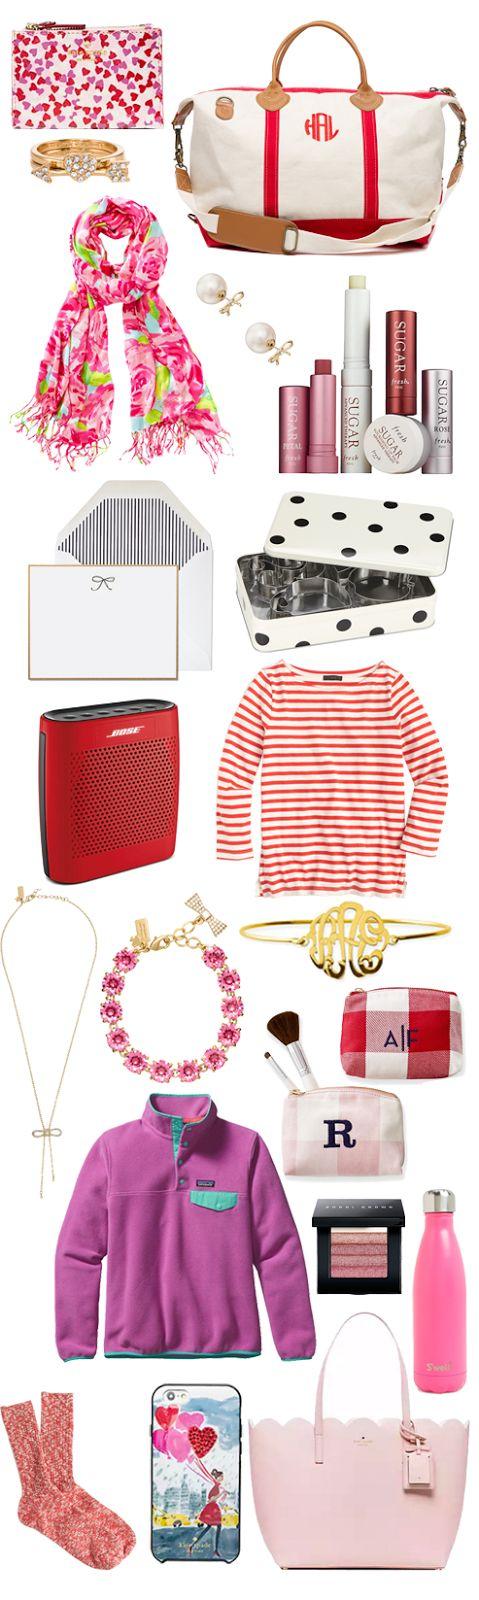 Valentinswünsche, Teenagermädchen Geschenke, Beste Geschenke,  Selbstgemachte Geschenke, Urlaub, Geschenke, Geschenkideen Für Weihnachten,  ...